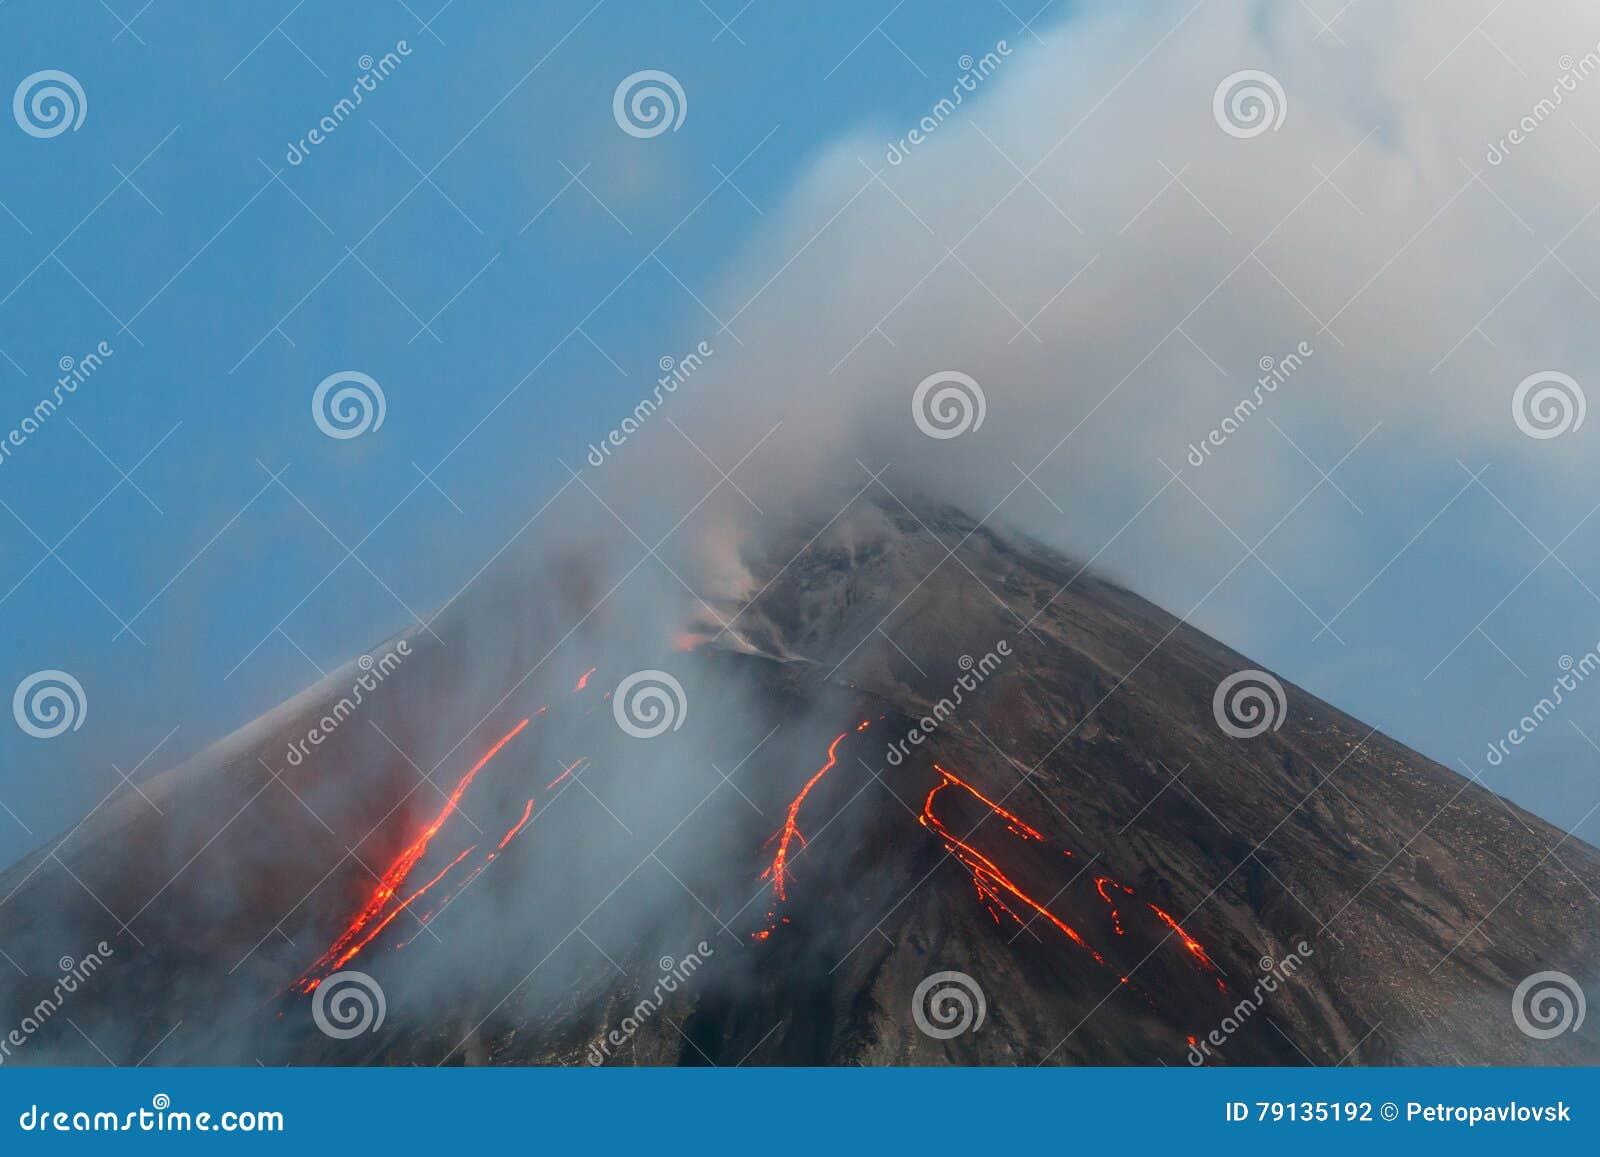 Vulkanische Eruption - Lavaflüsse auf Steigung des Vulkans